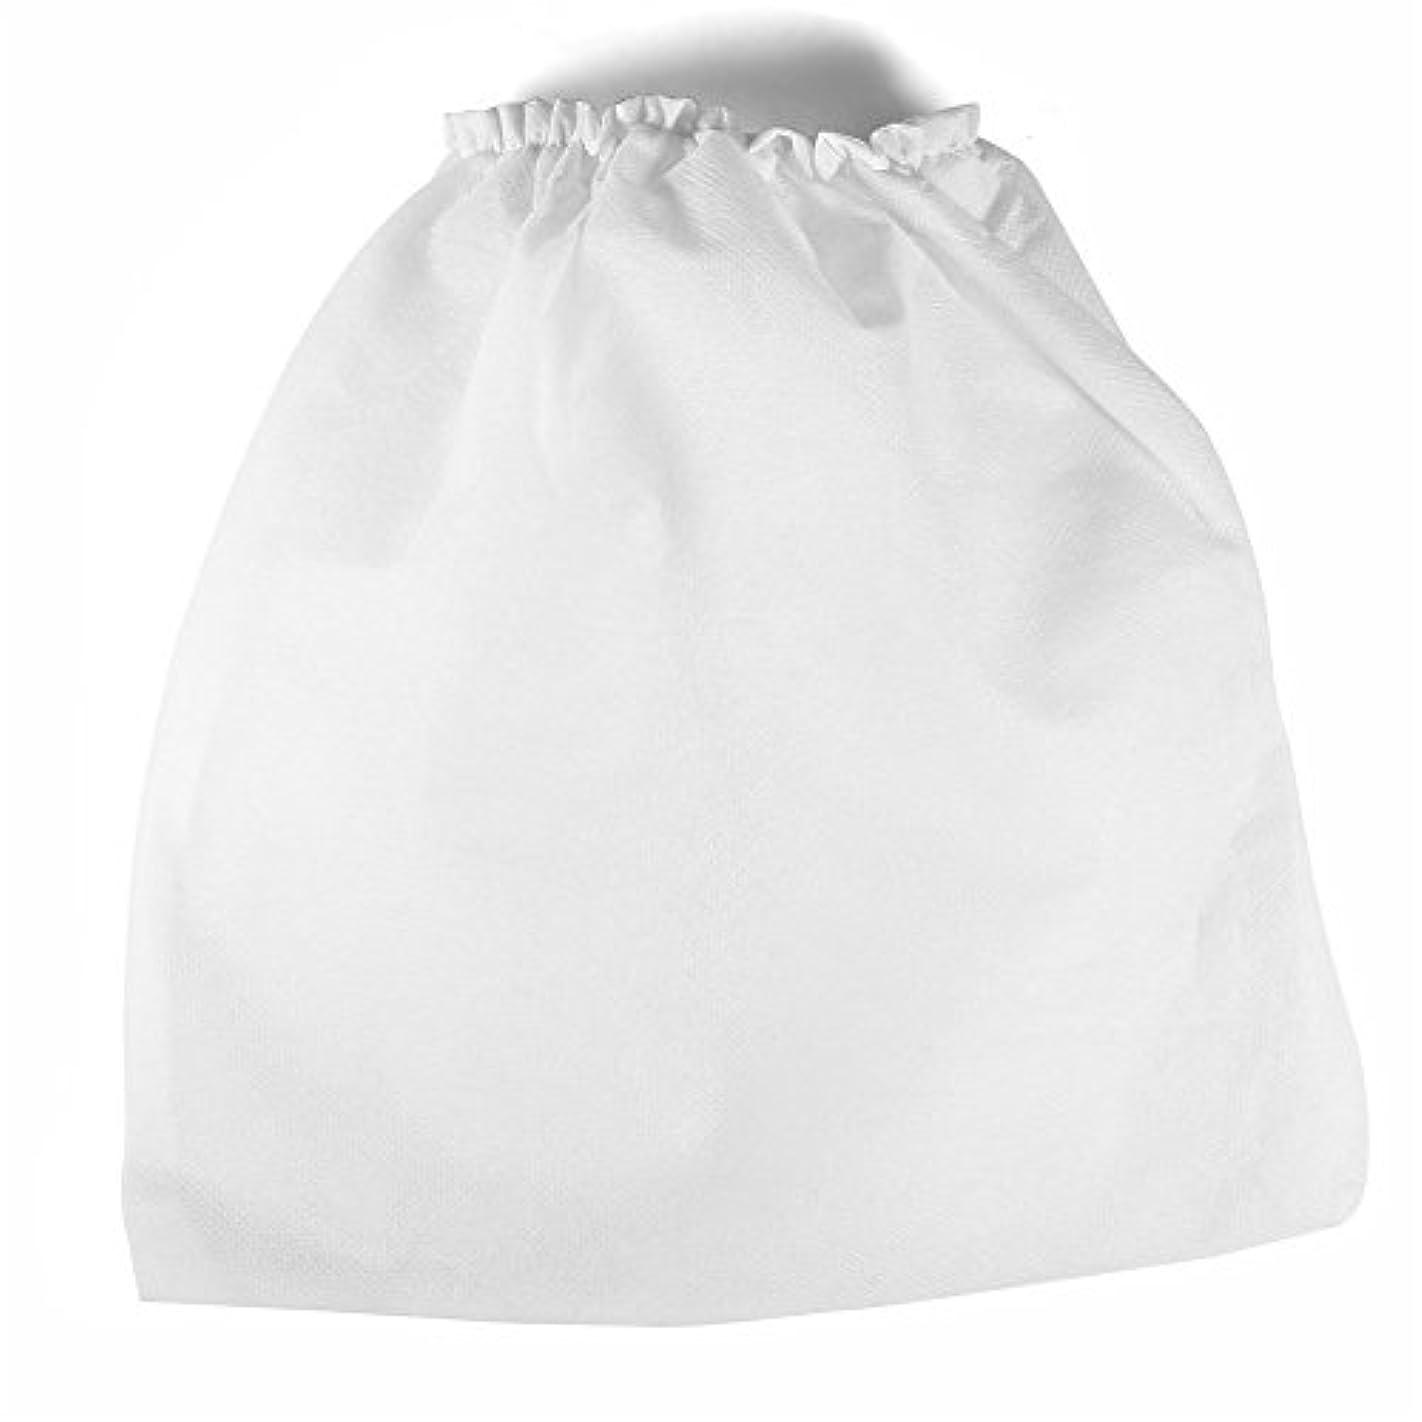 口径インペリアルに話す釘不織掃除機の交換用バッグ